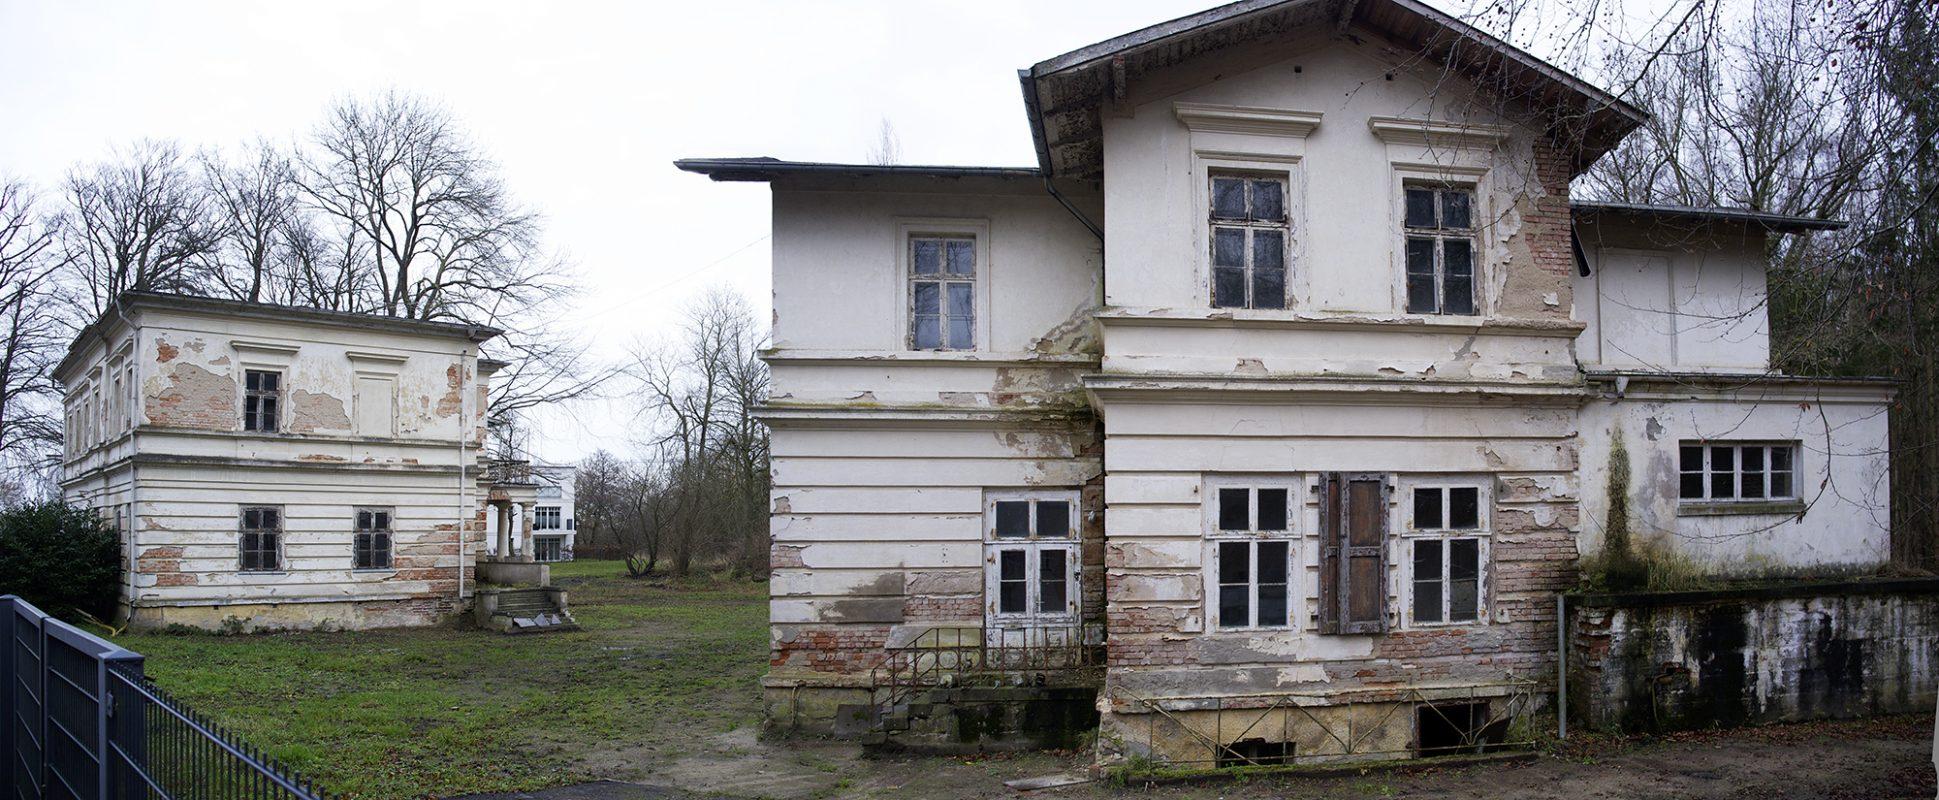 Heiligensee, alte Villen